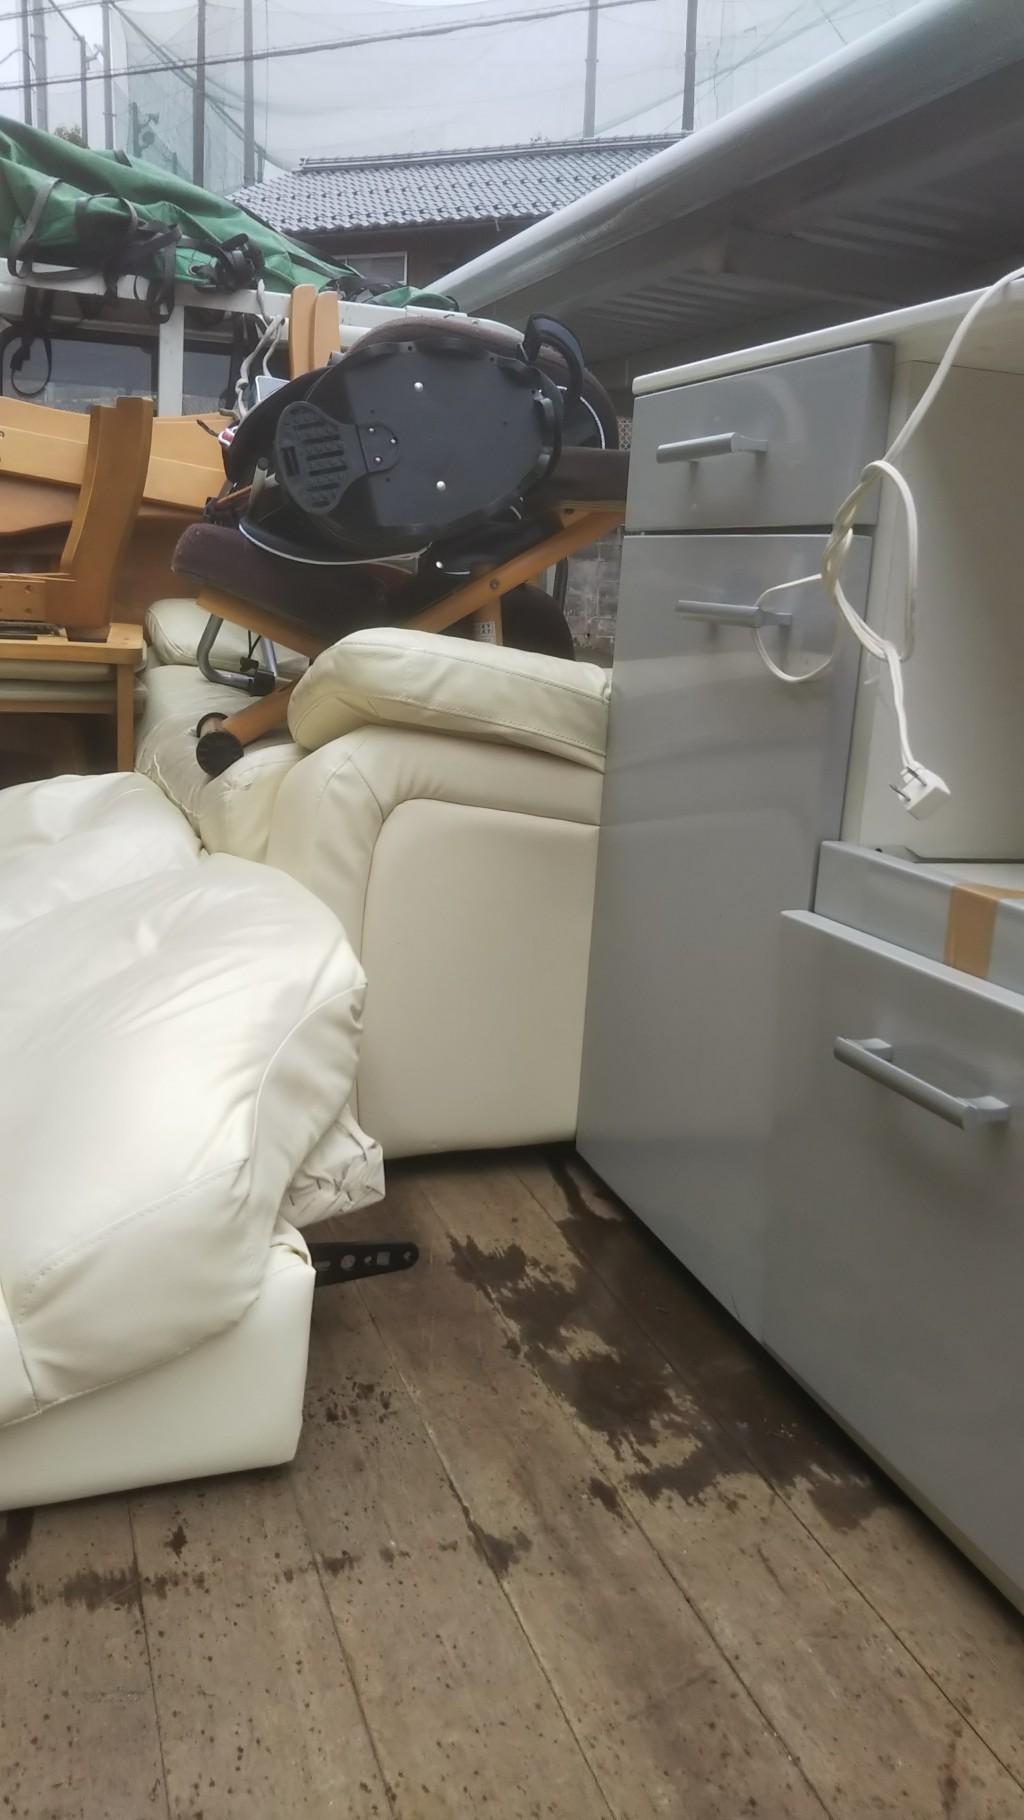 【松江市】軽トラ一台分の不用品出張回収・処分ご依頼 お客様の声